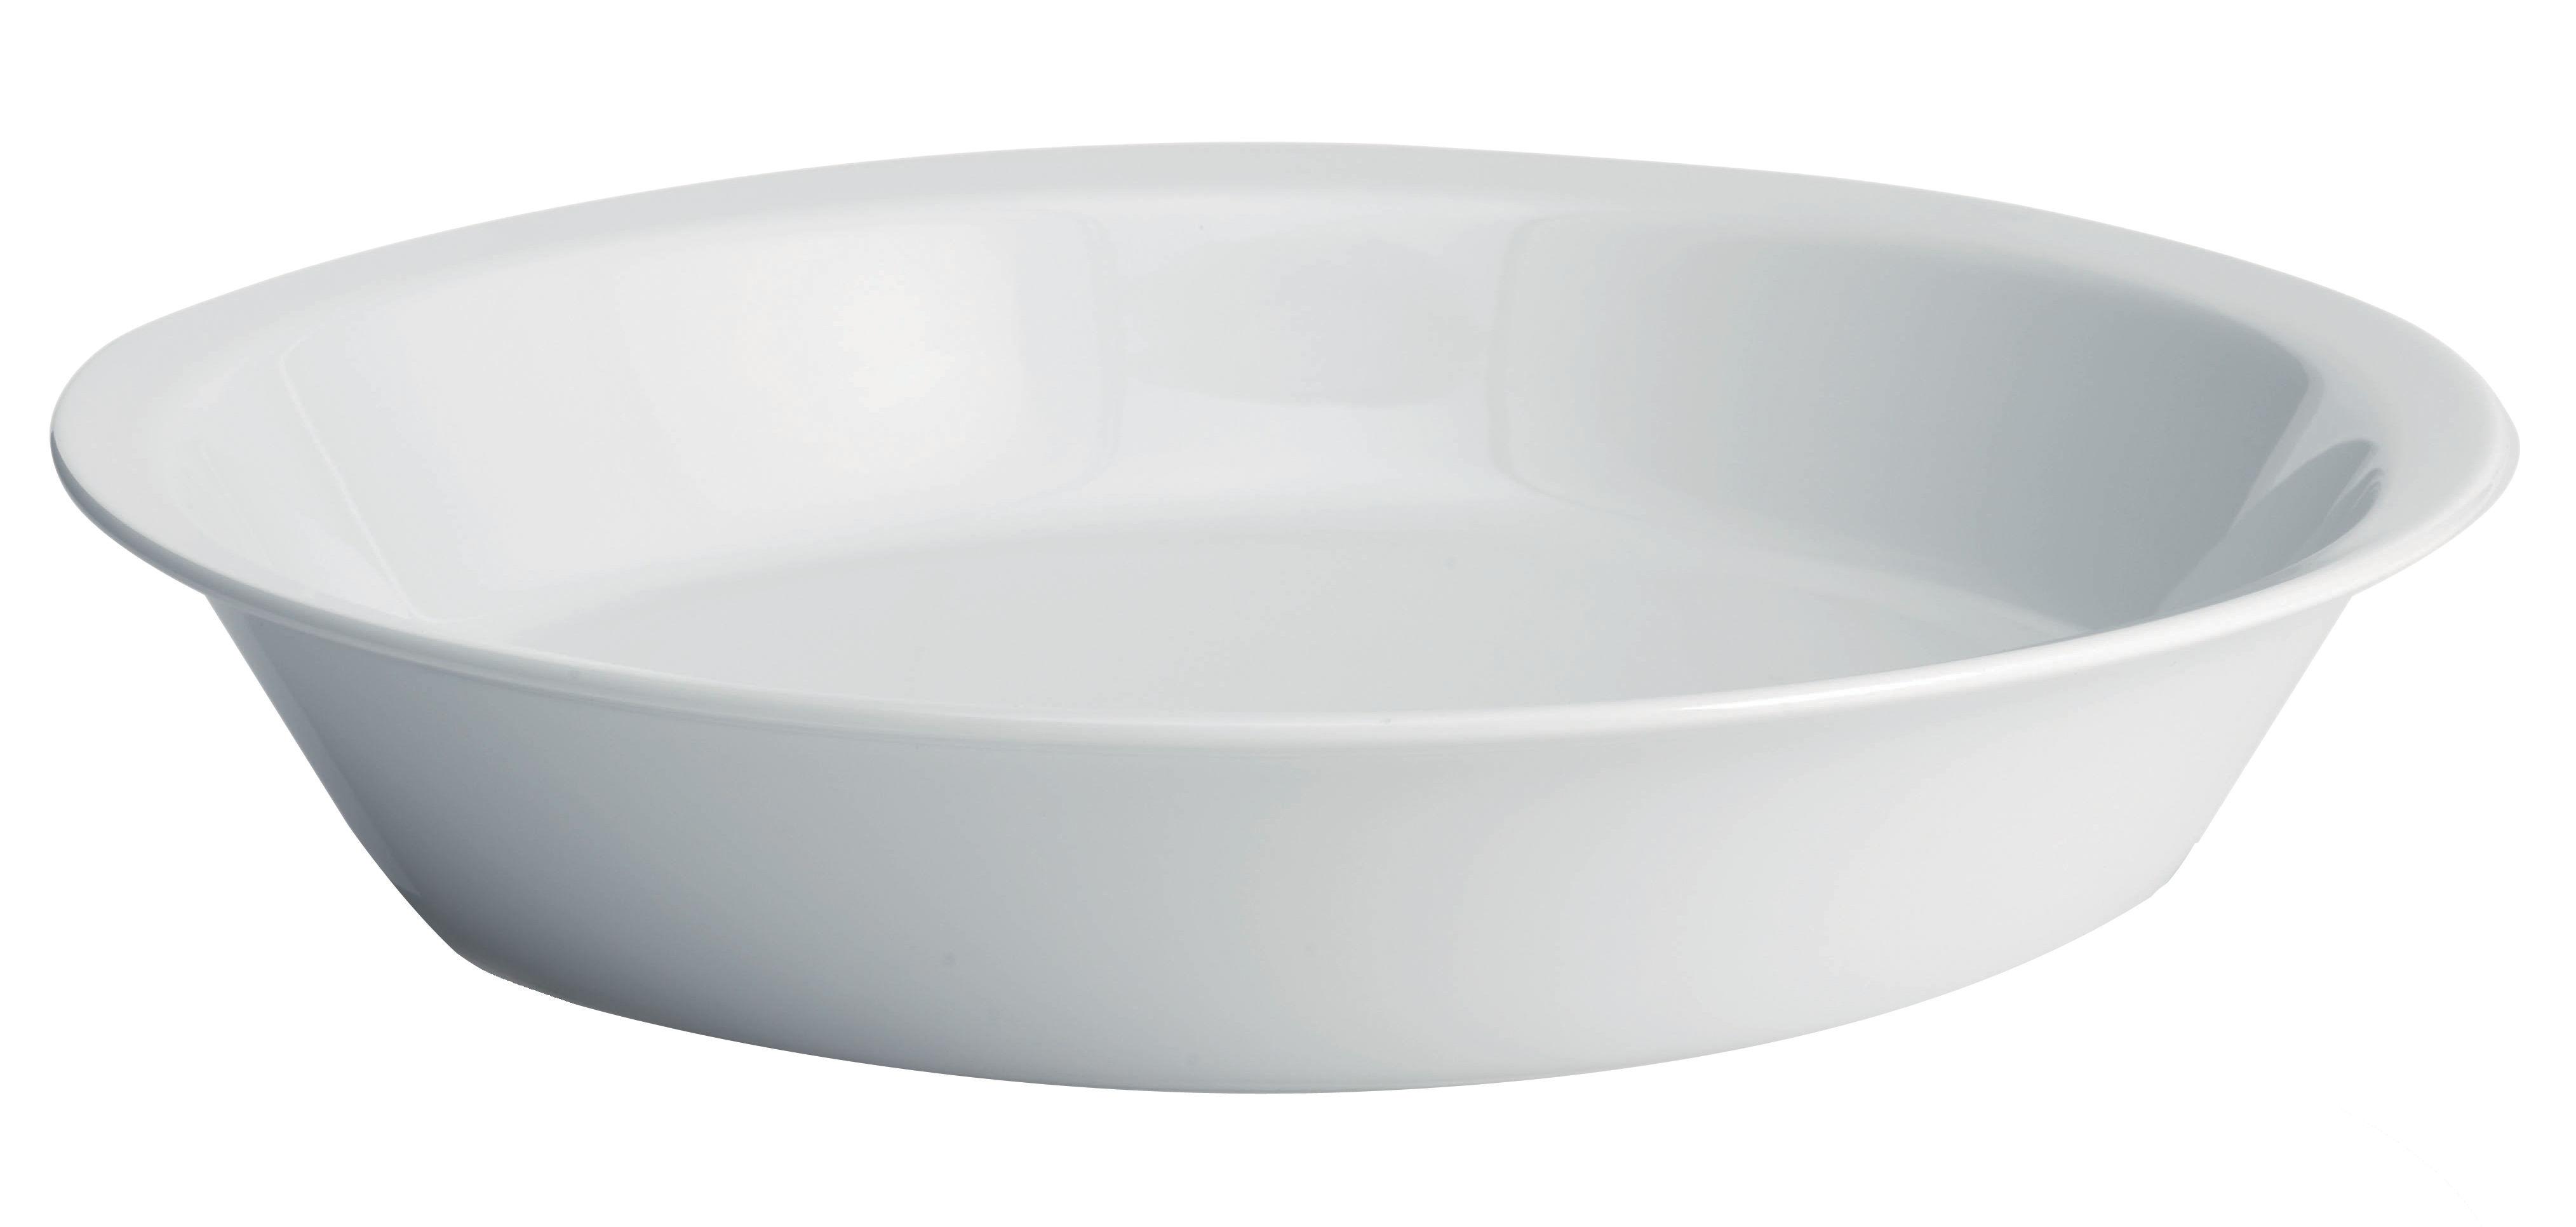 Tavola - Piatti  - Piatto fondo Anatolia di Driade Kosmo - Bianco - Porcellana